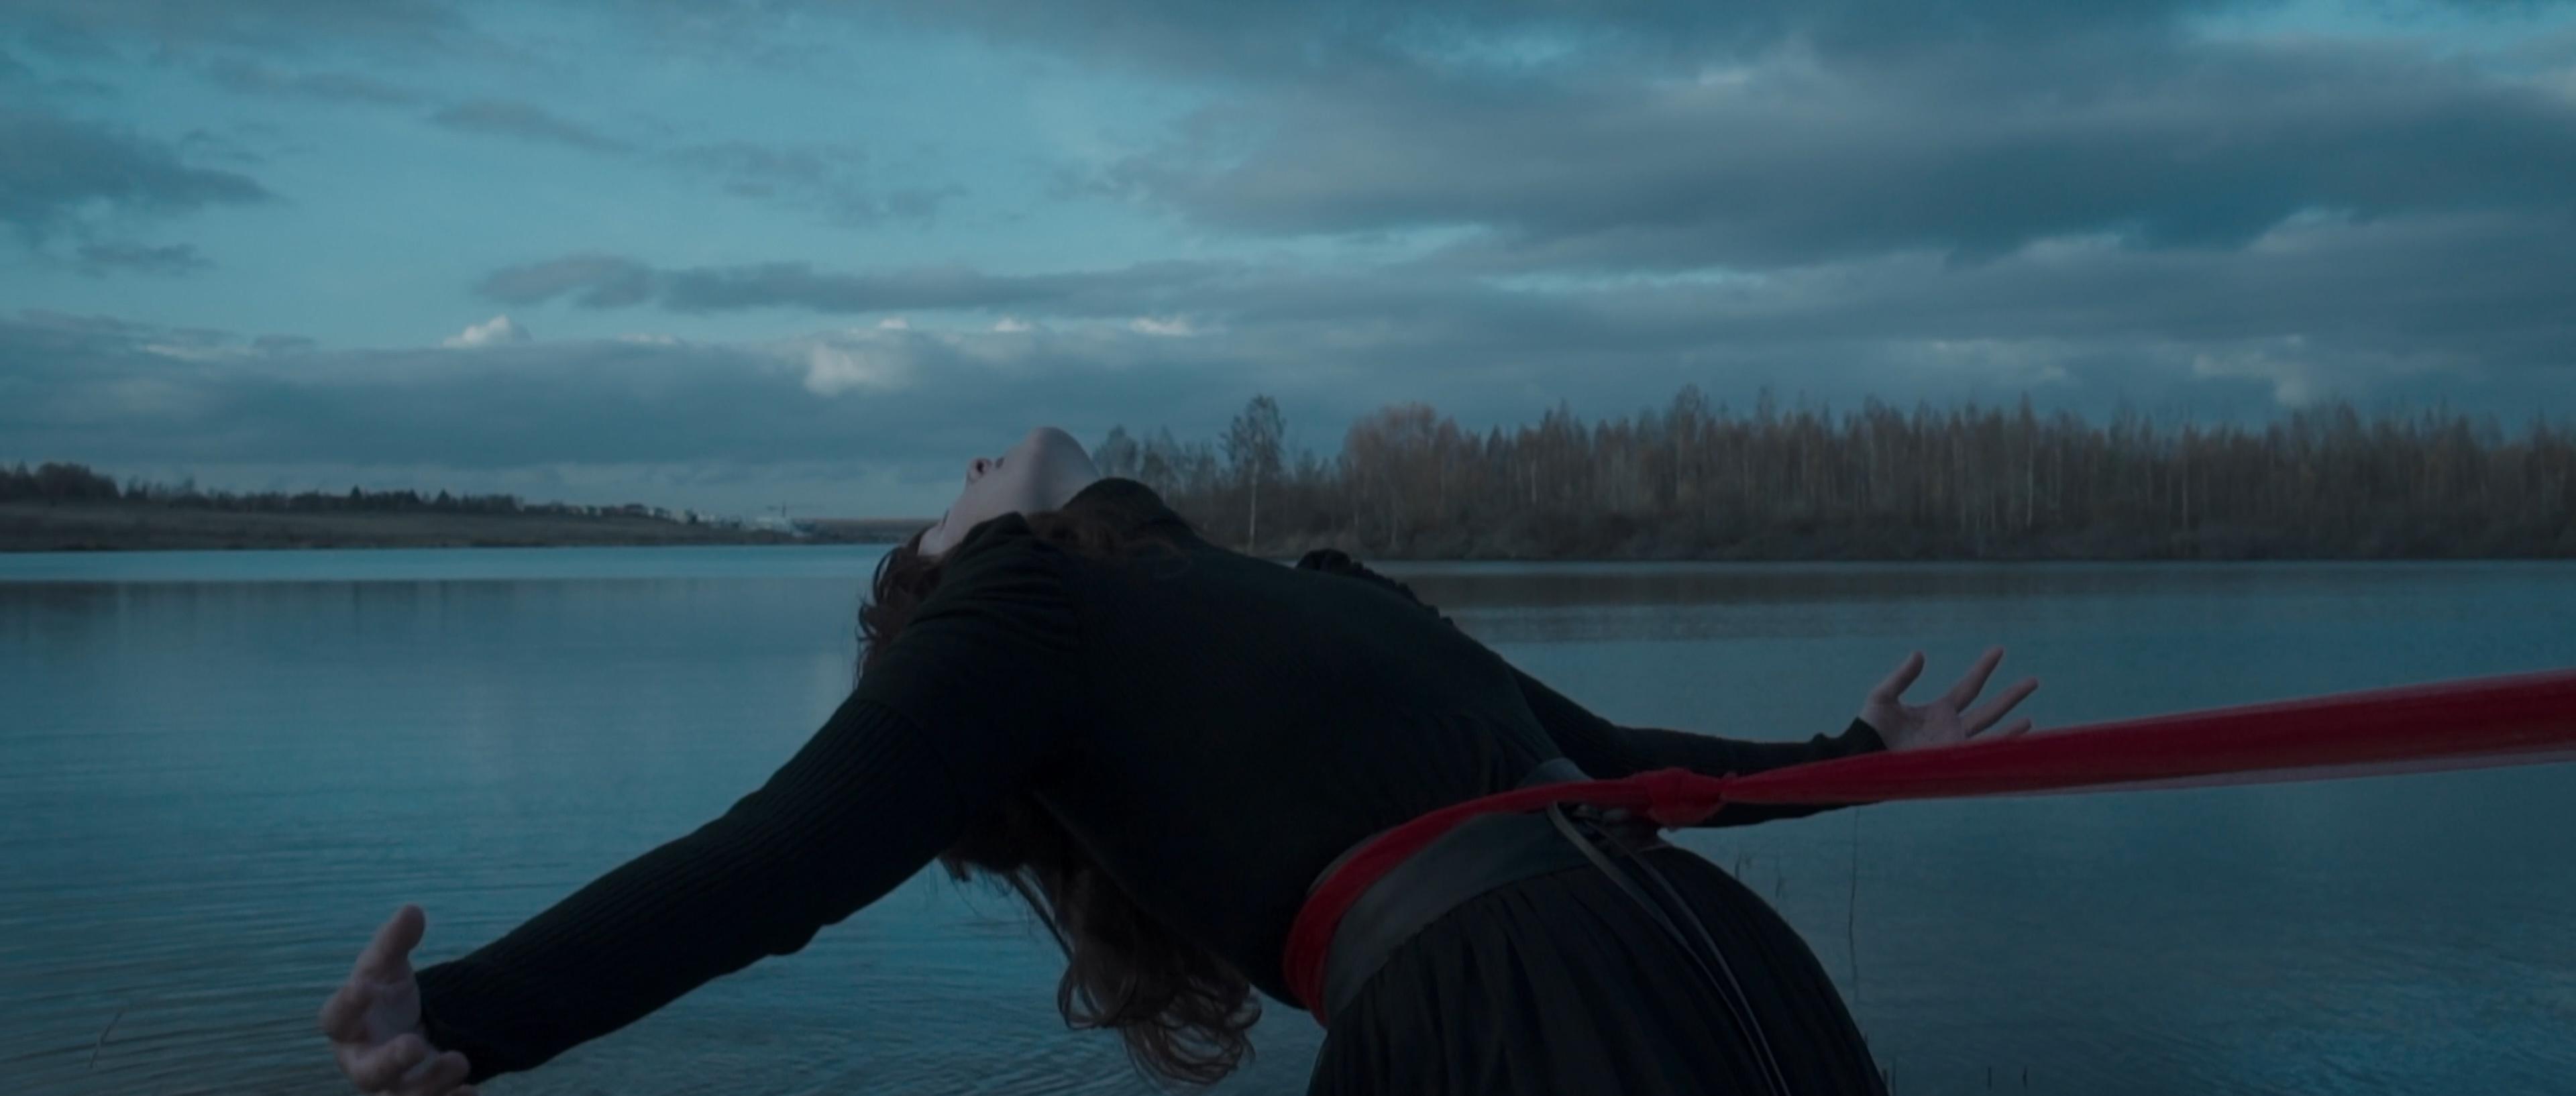 She Owl aus Italien begeistern mit einer Mischung aus Dream-Pop, Dark-Indie und Filmmusik